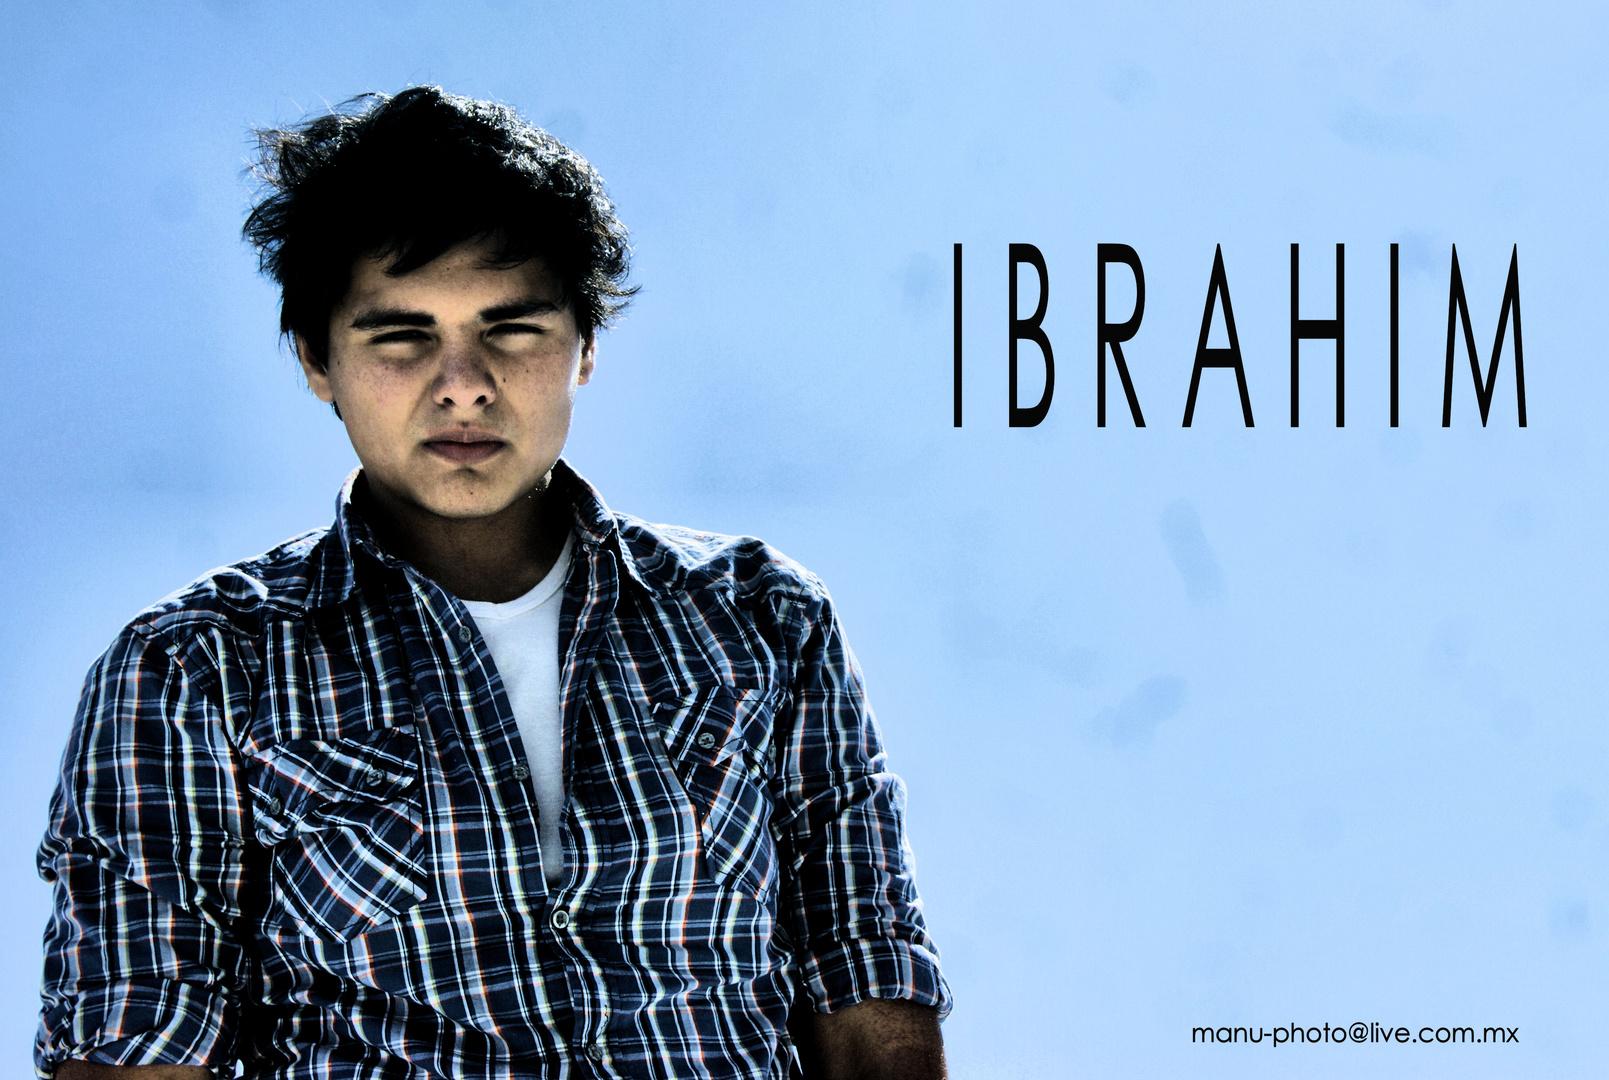 إبراهيم